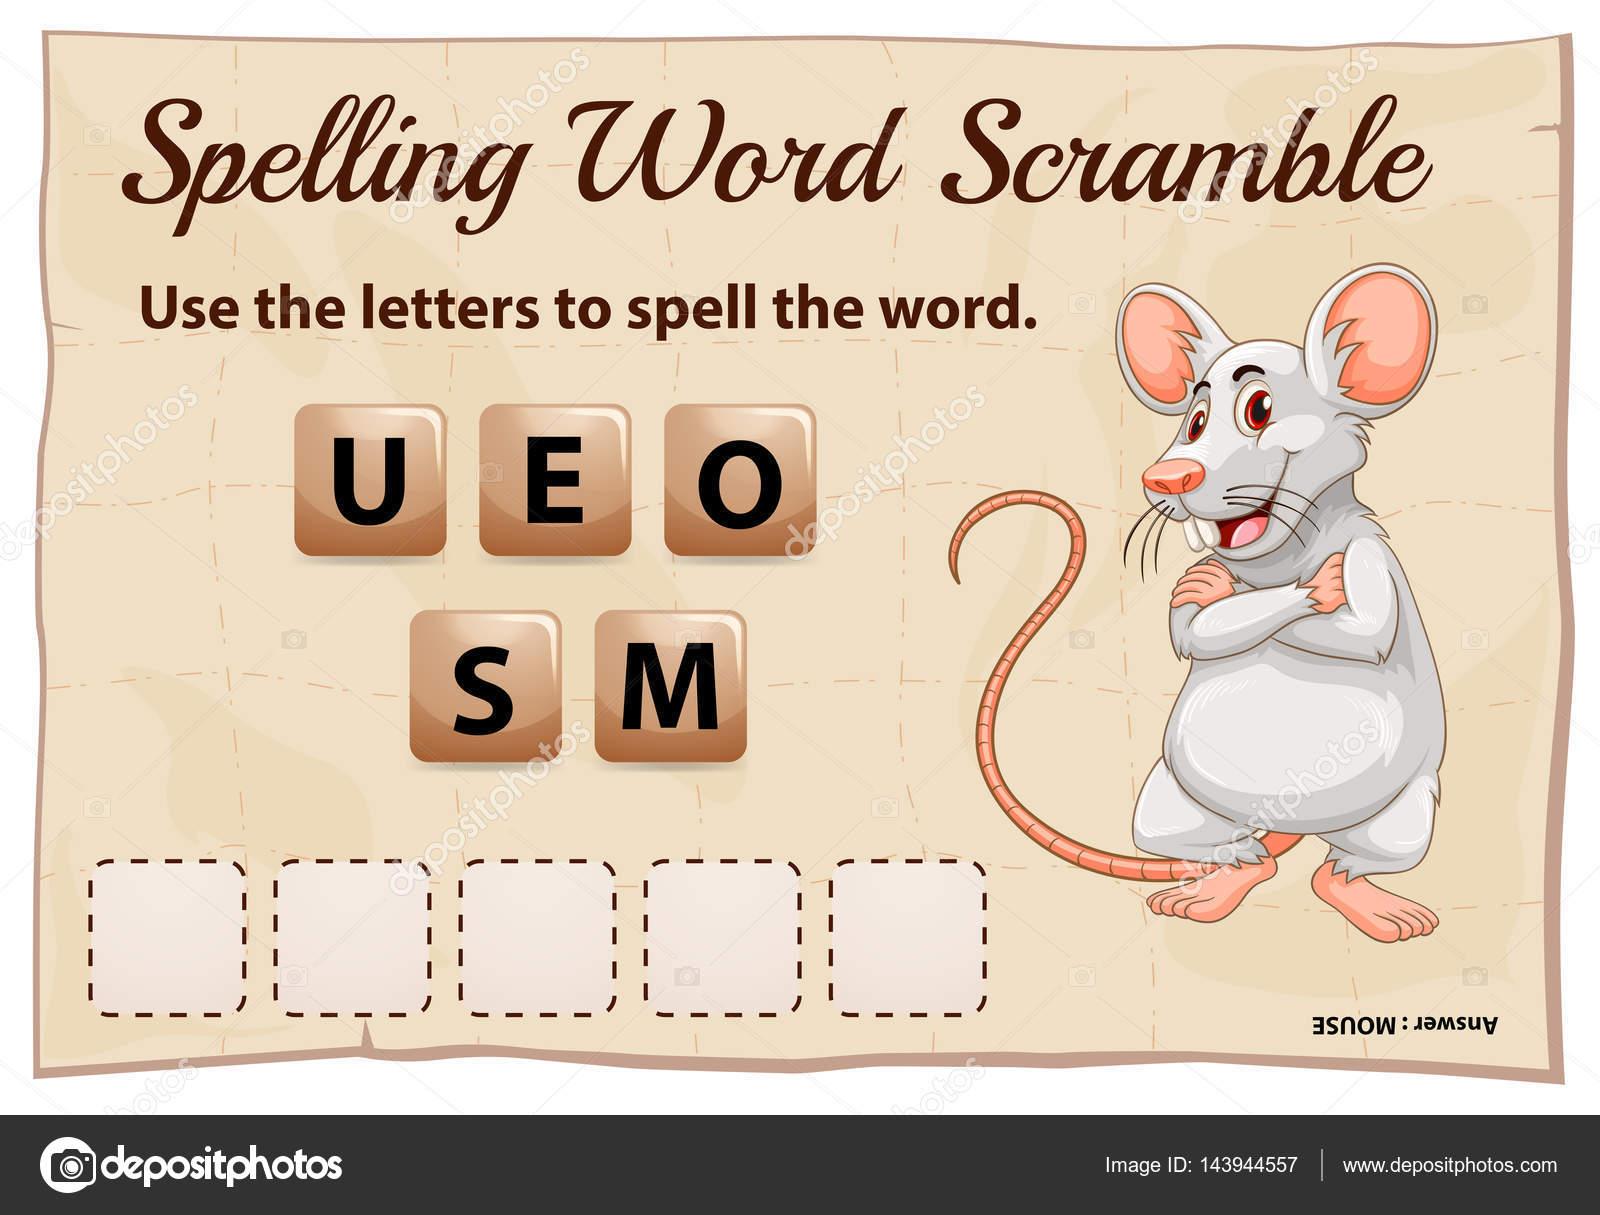 Rechtschreibung Word Scramble Spiel-Vorlage für Maus — Stockvektor ...